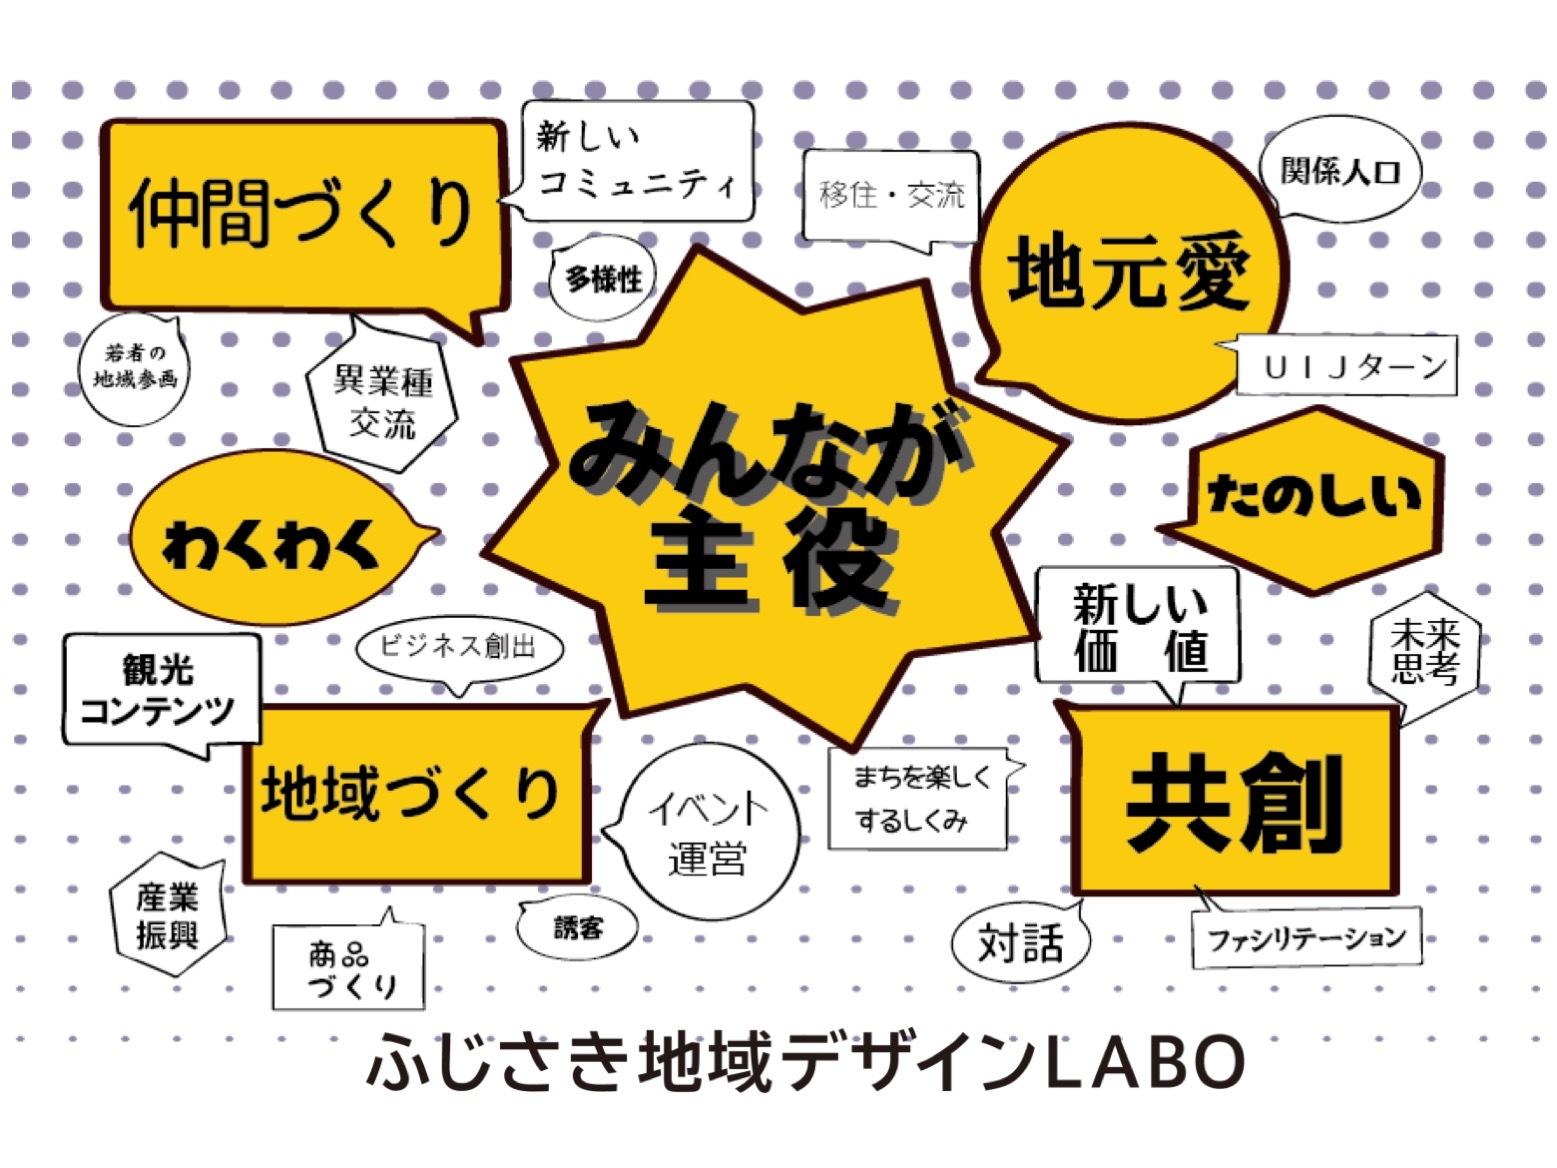 【ふじさき地域デザインLABO】藤崎町 未来志向の地域デザインプロジェクト2019 オープニングセッションレポート